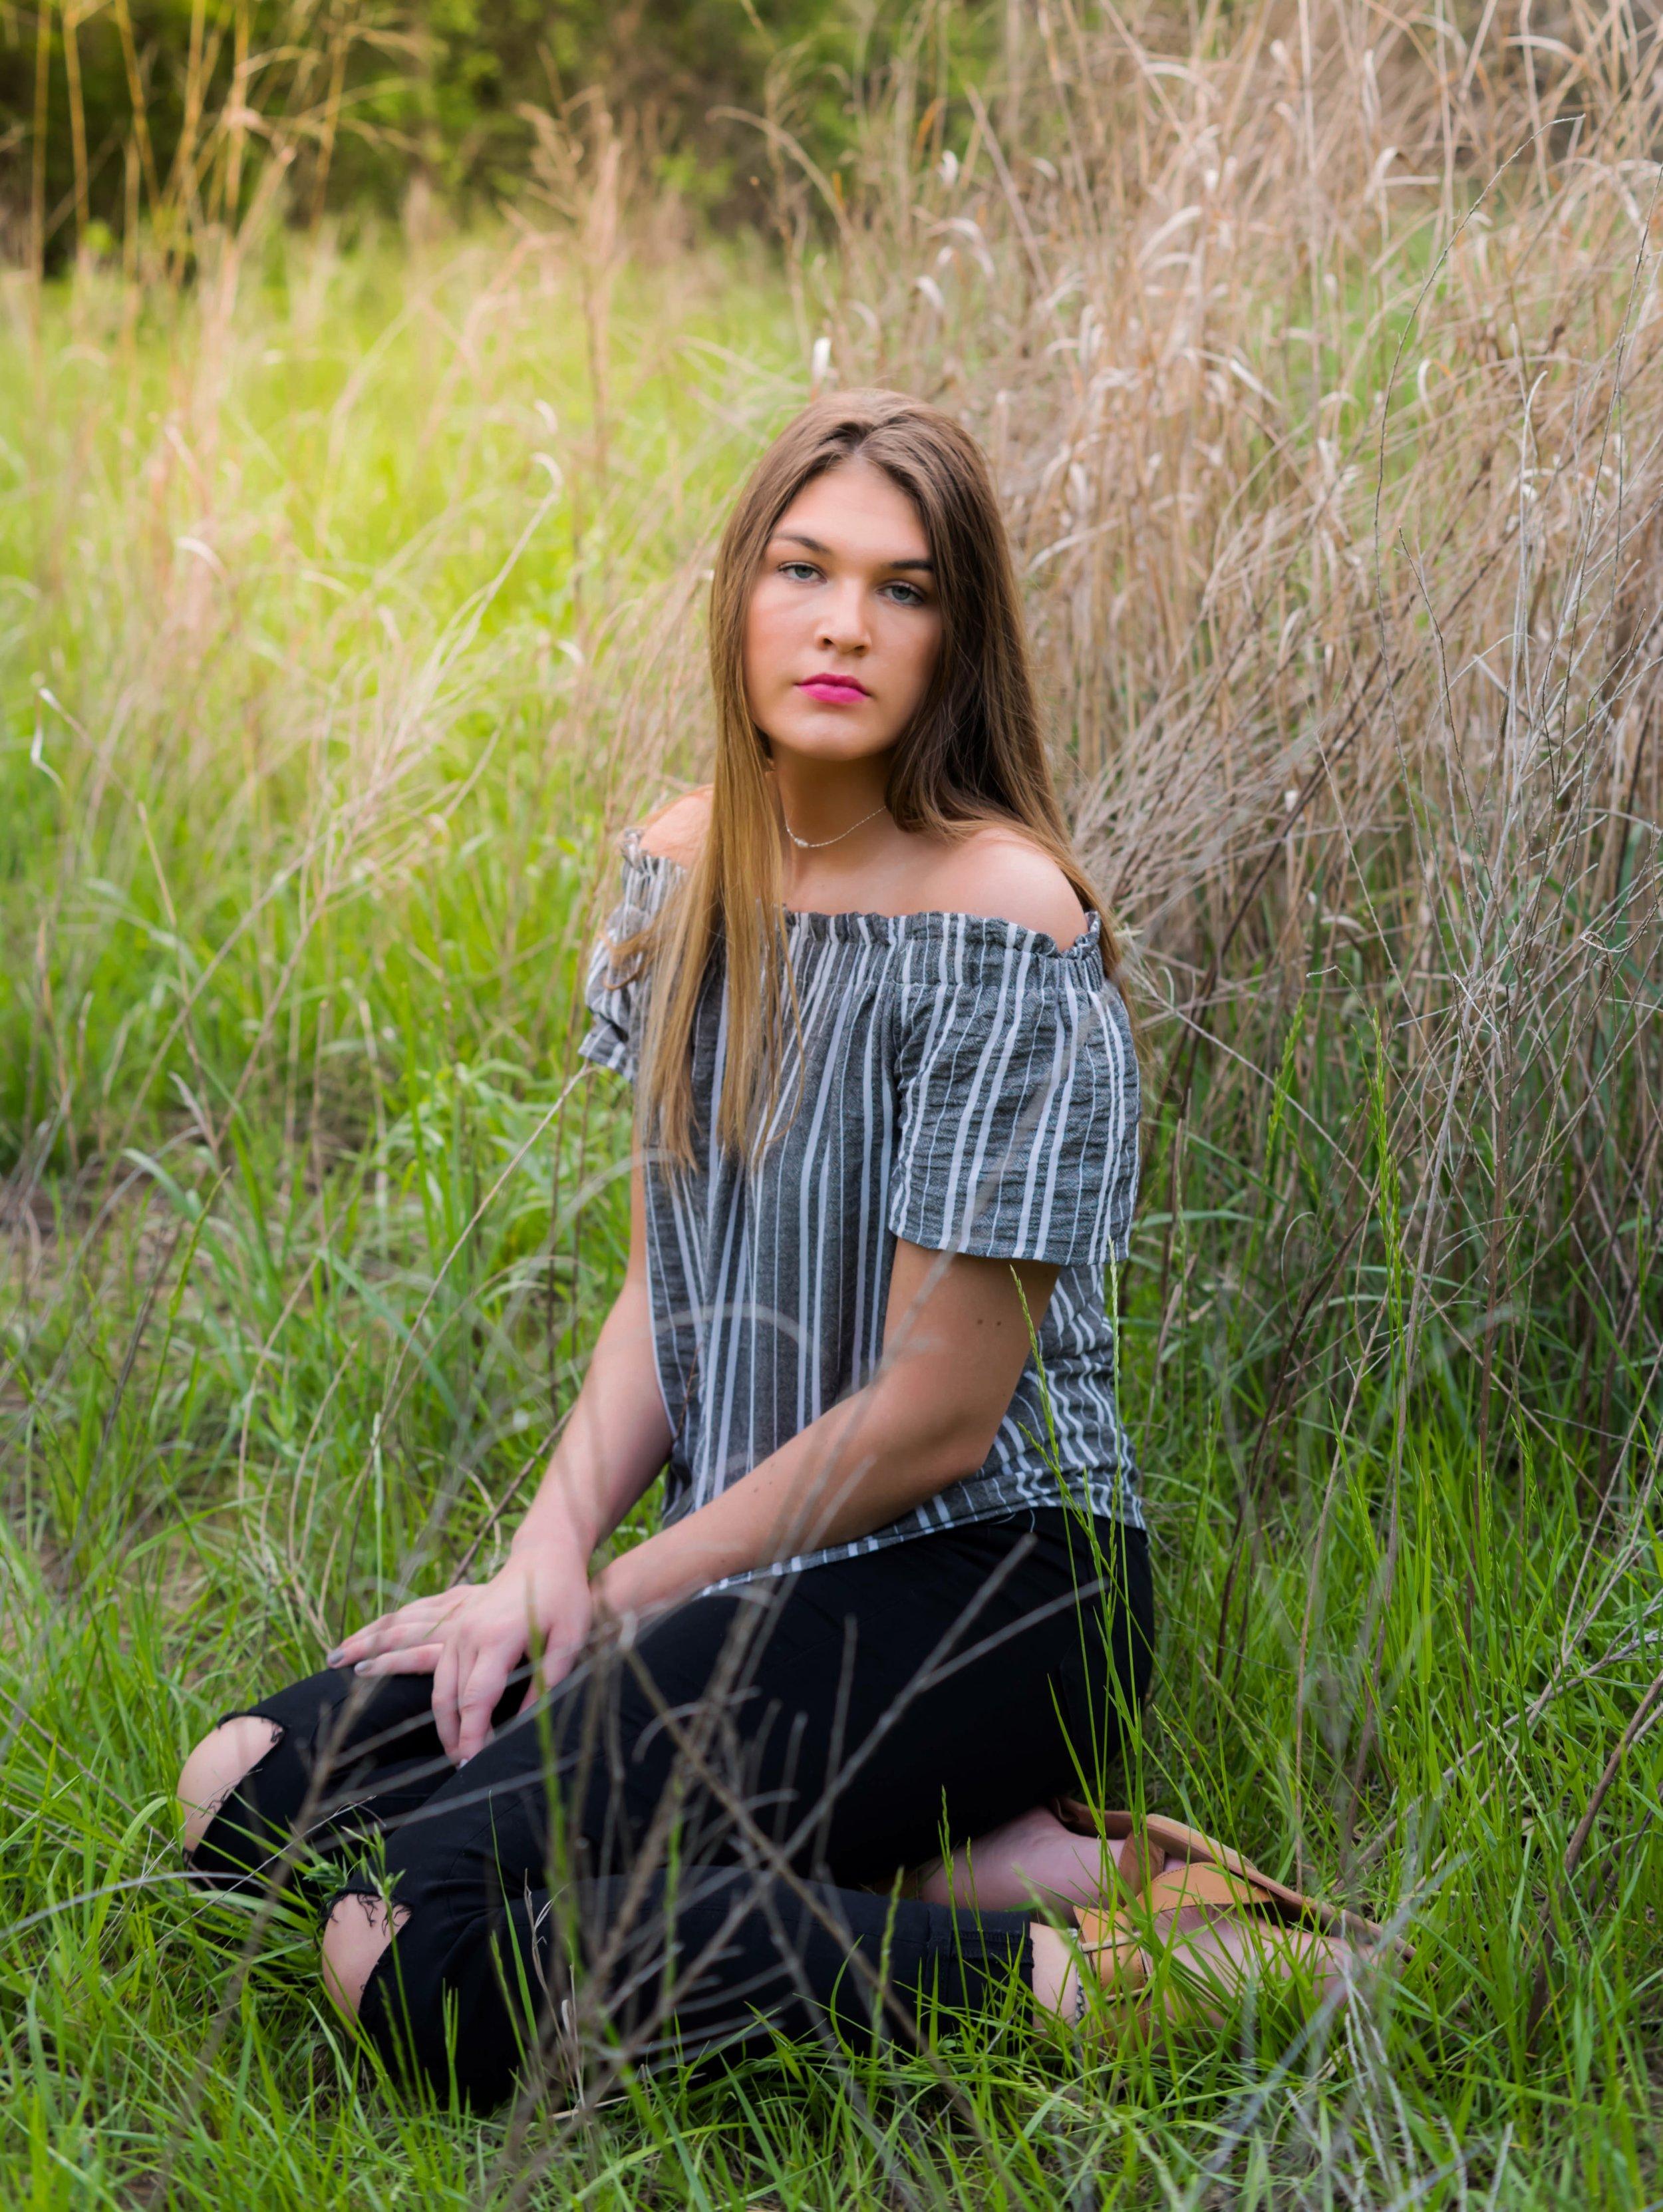 Nicole-17_pp.jpg